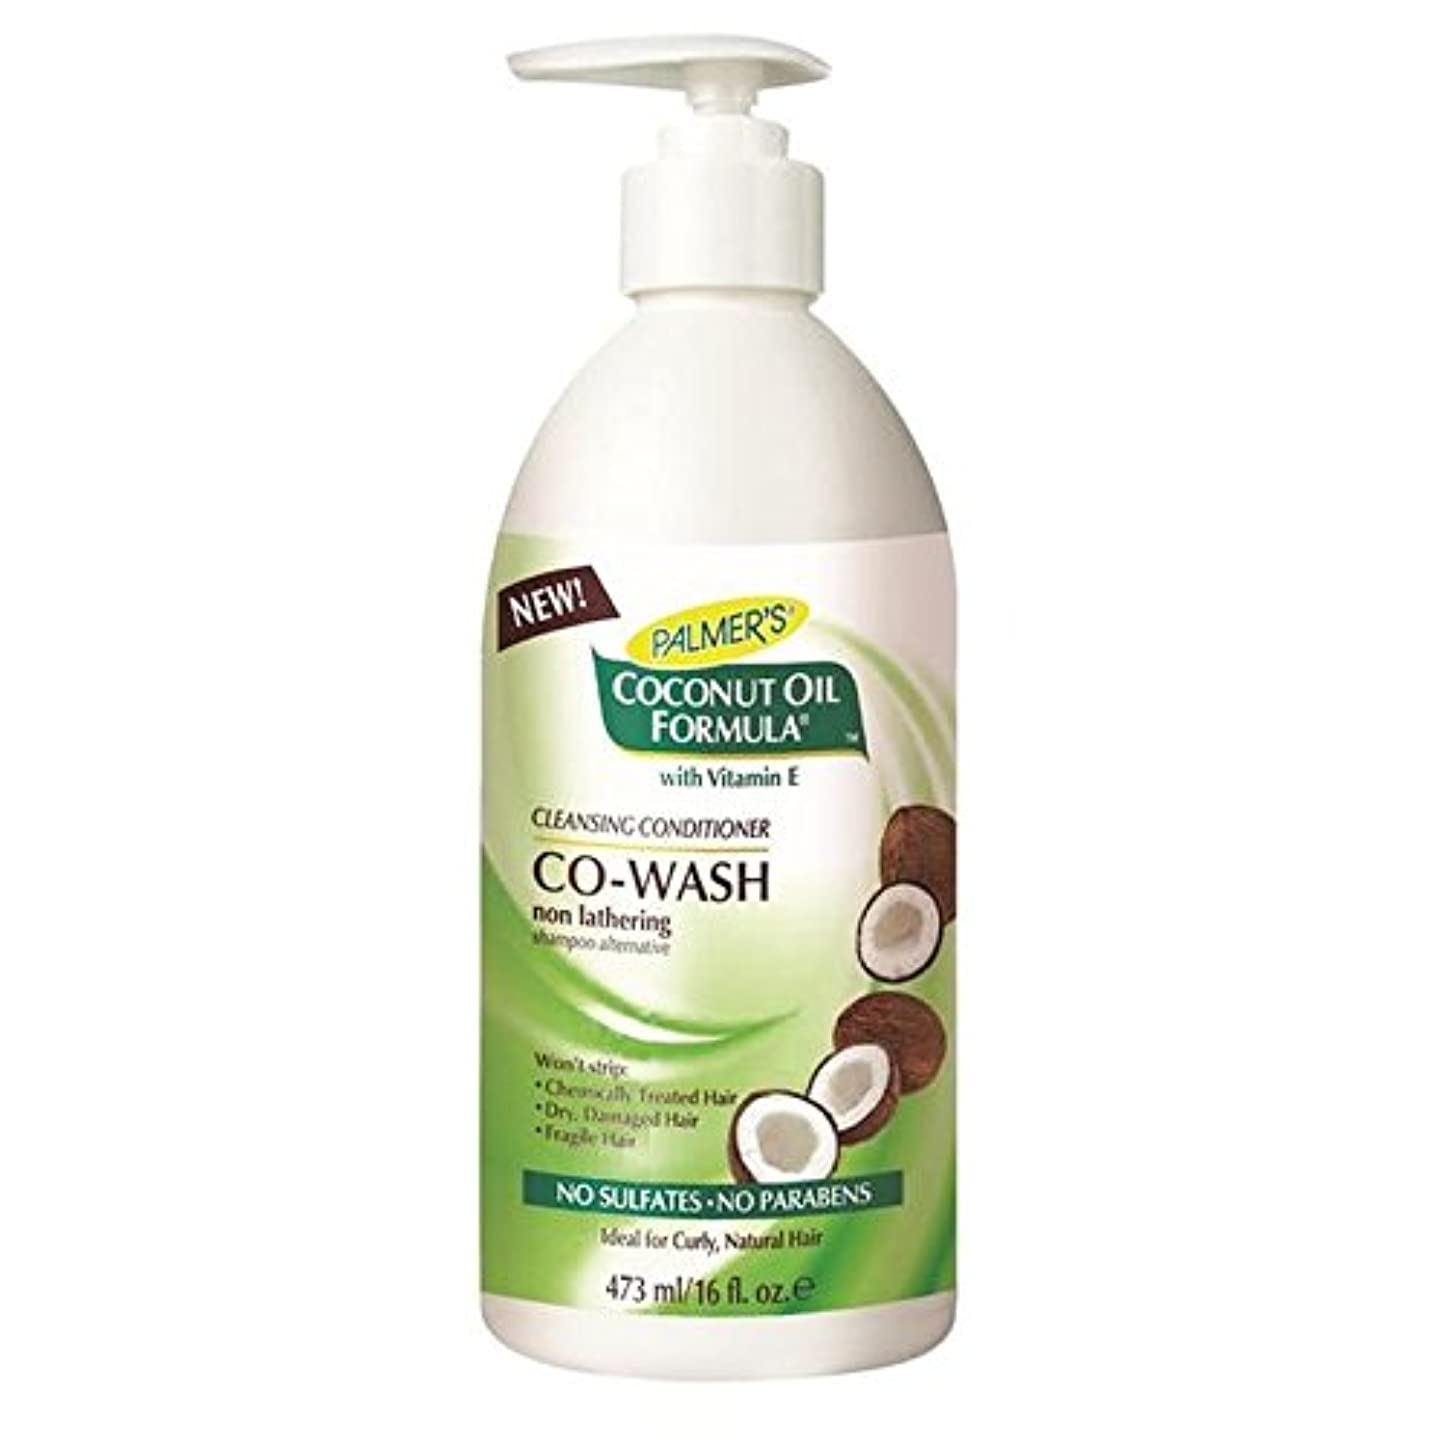 パーマーのココナッツ式コウォッシュクレンジングコンディショナー、シャンプー代替473ミリリットル x2 - Palmer's Coconut Formula Co-Wash Cleansing Conditioner,...